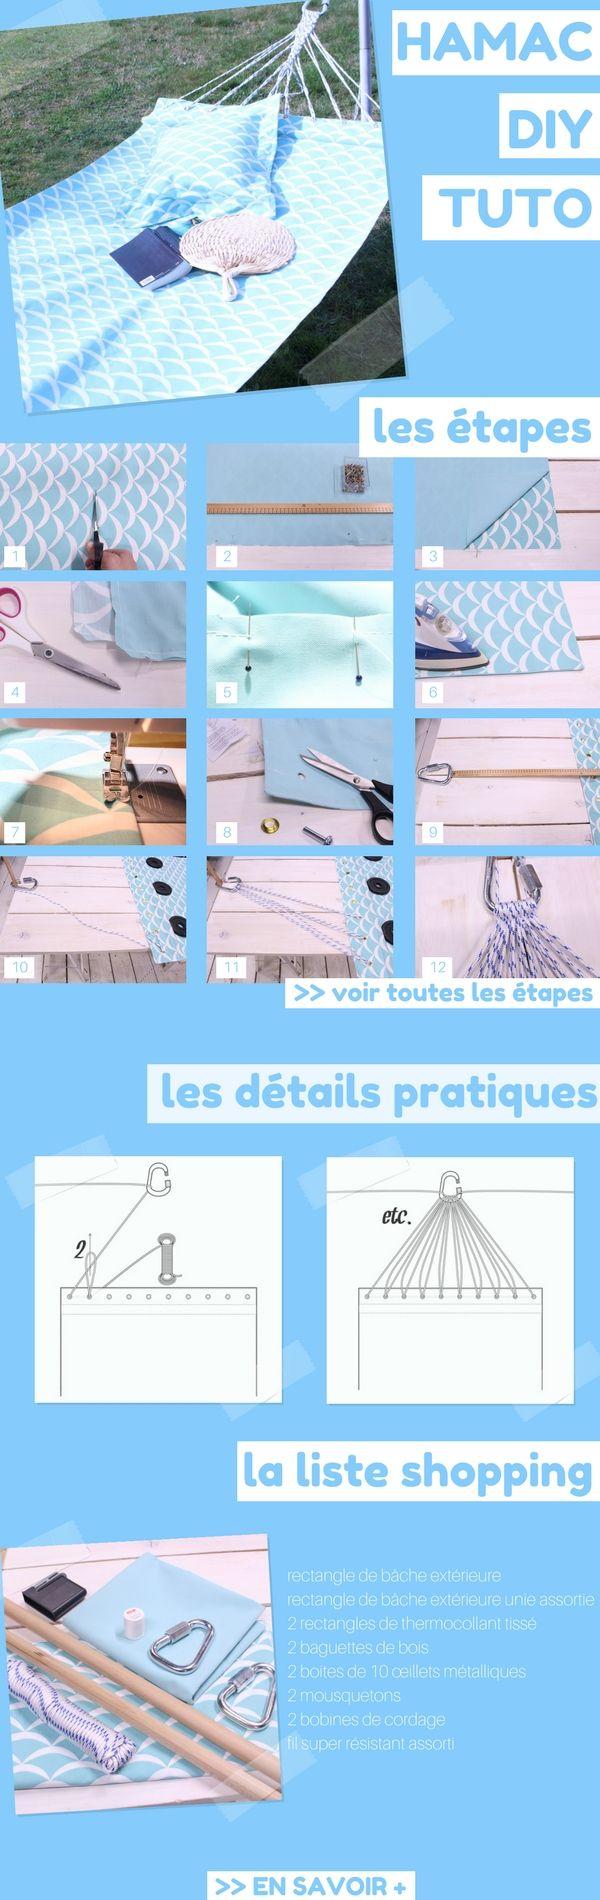 [TUTO GRATUIT] : Fabriquer un hamac (+patrons, conseils et liste shopping)  http://www.homelisty.com/3-diy-jardin-balcon-terrasse-beaux-jours/